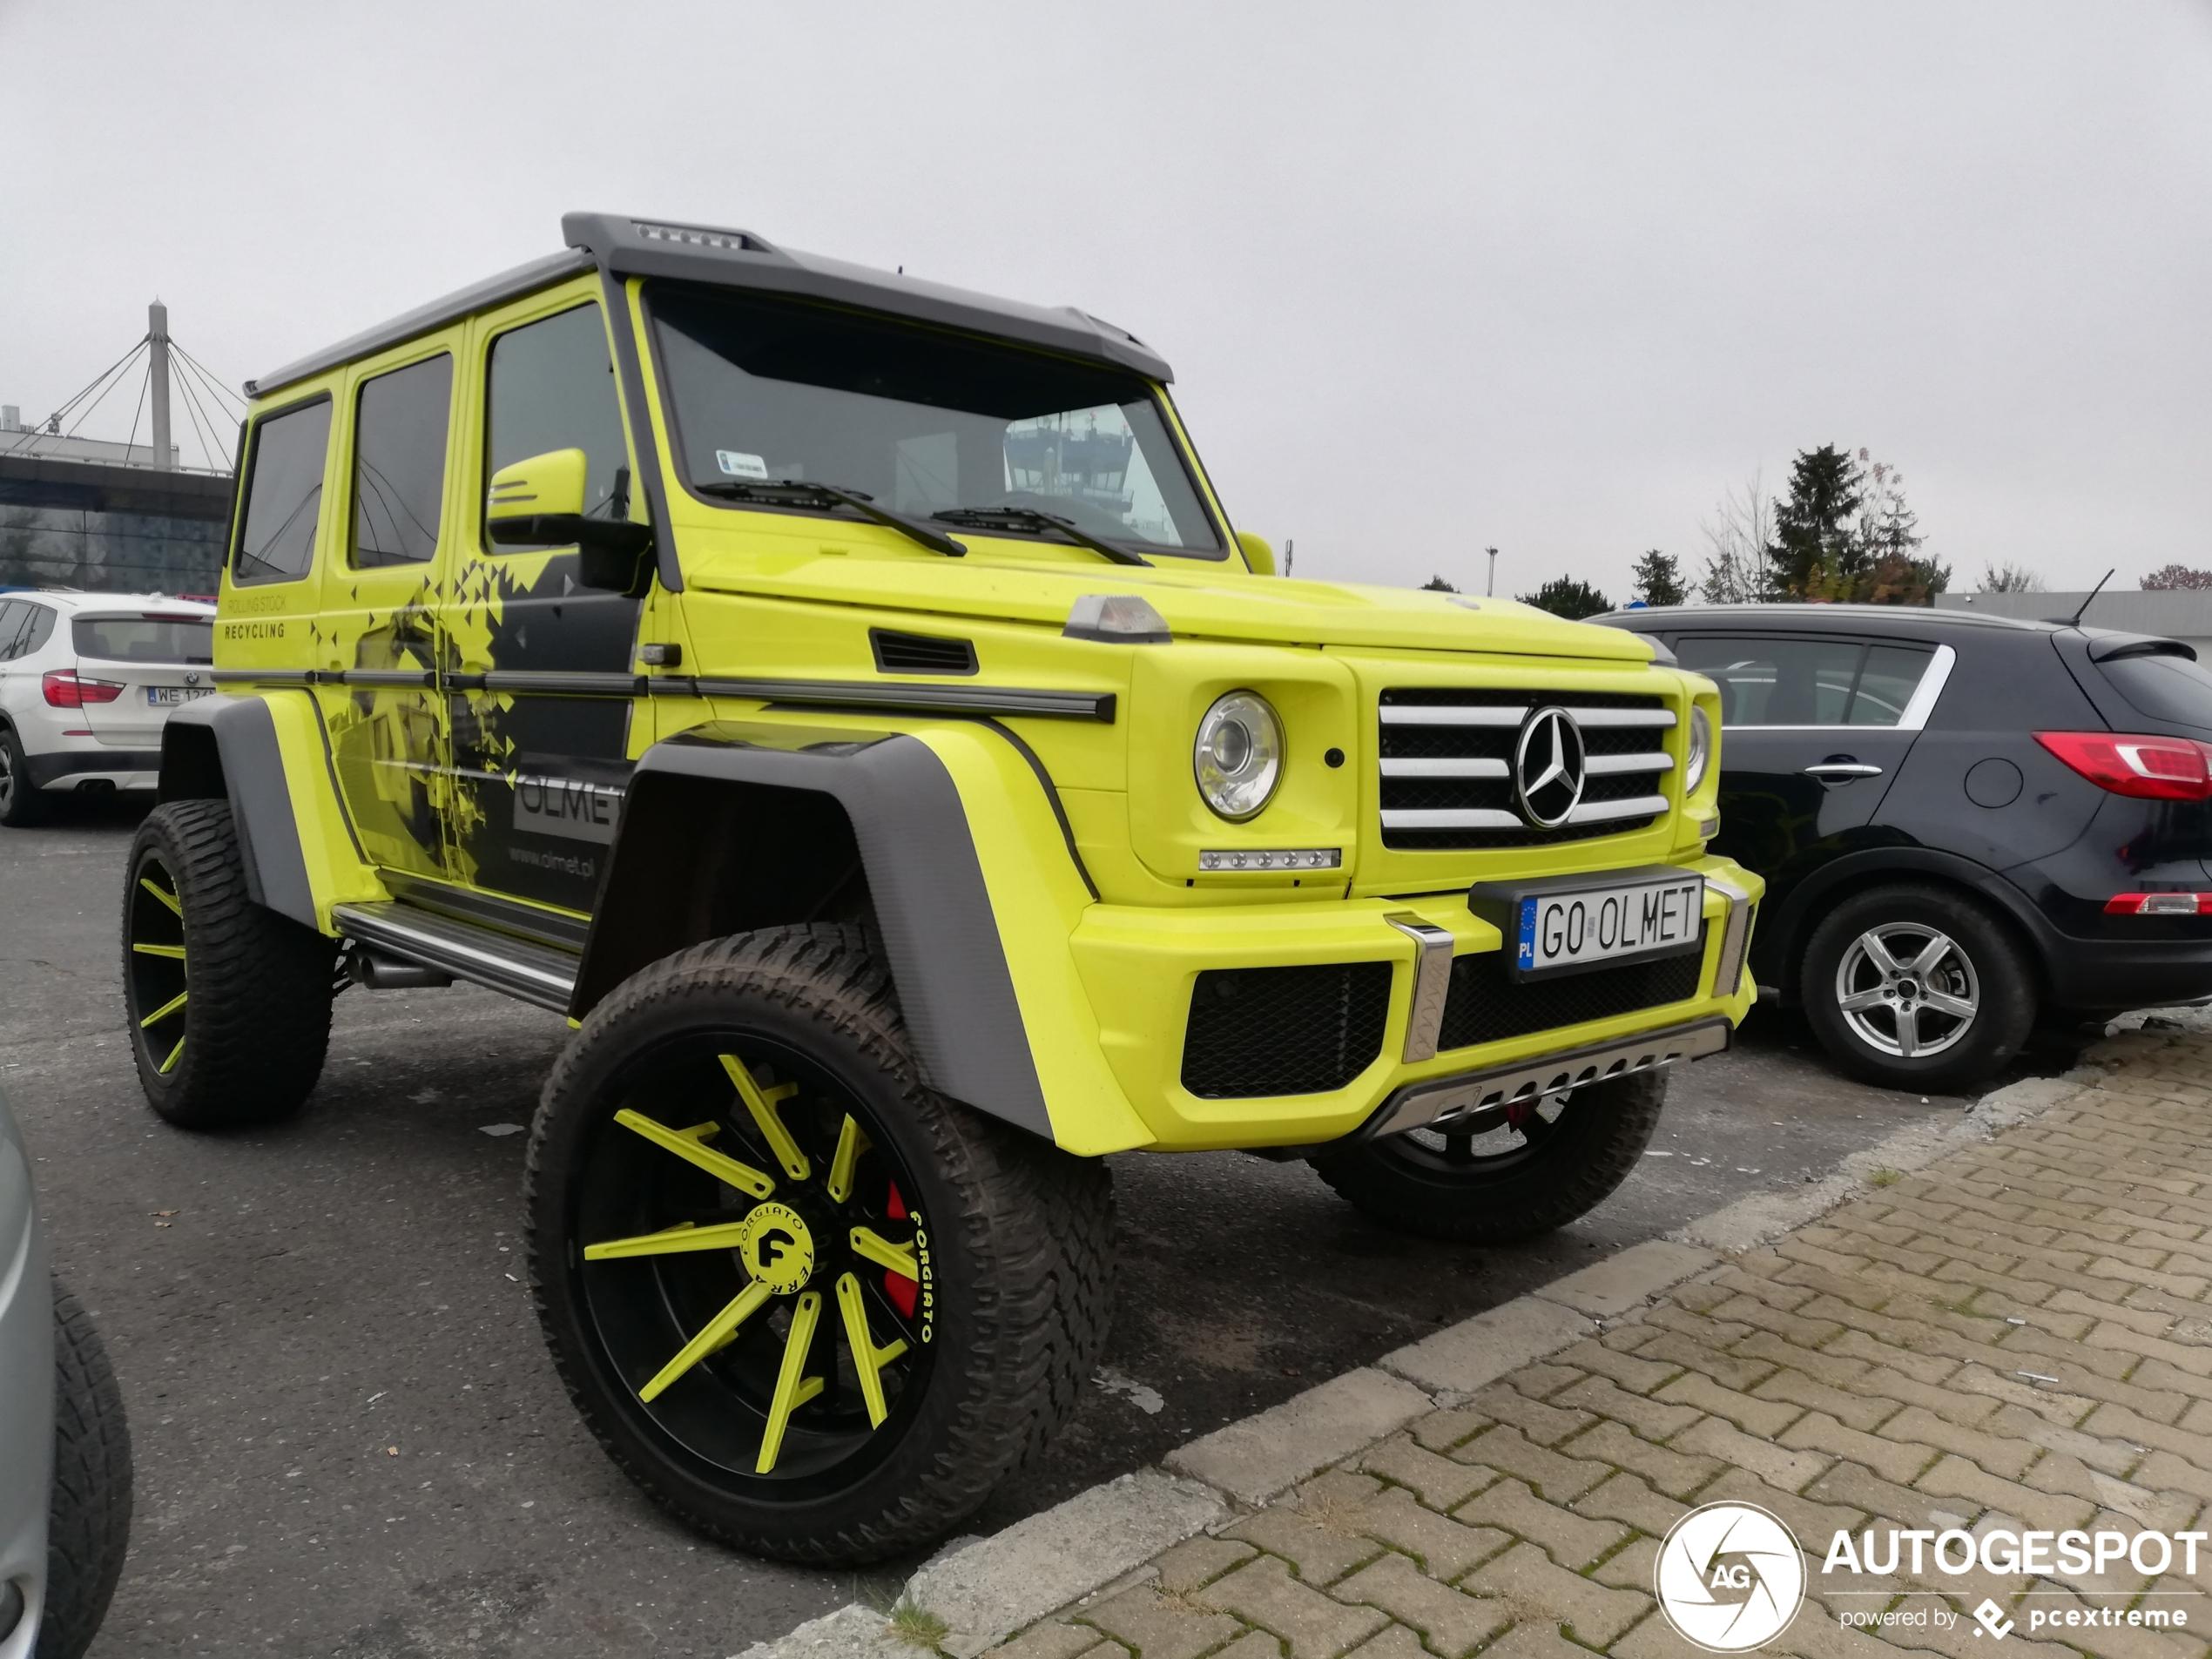 Mercedes-Benz G 500 4x4 heeft nieuwe sloffen